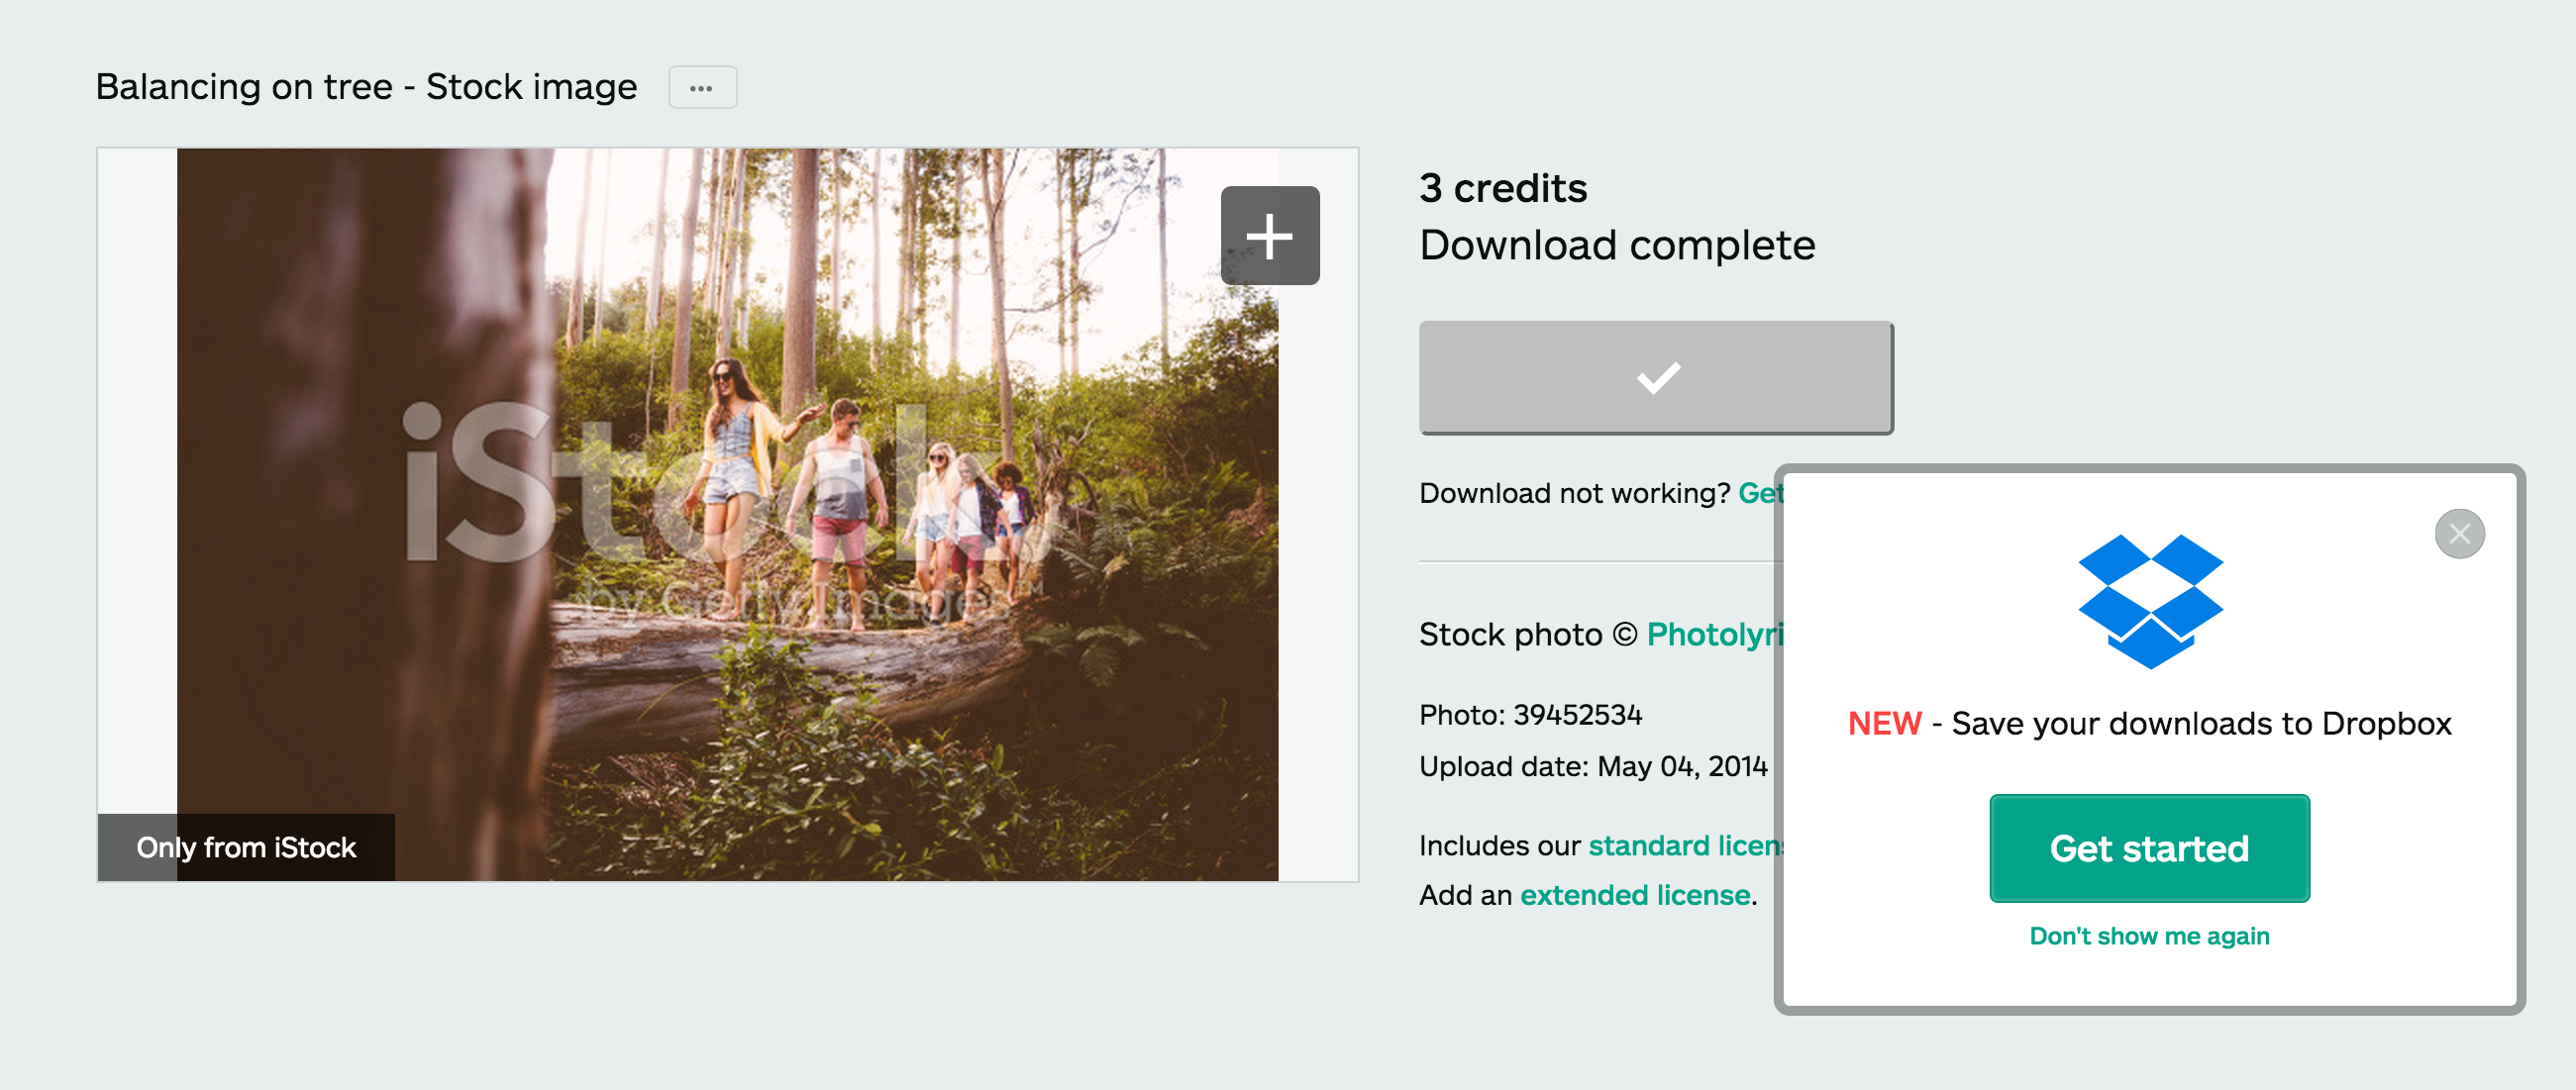 iStock 屏幕截图 1